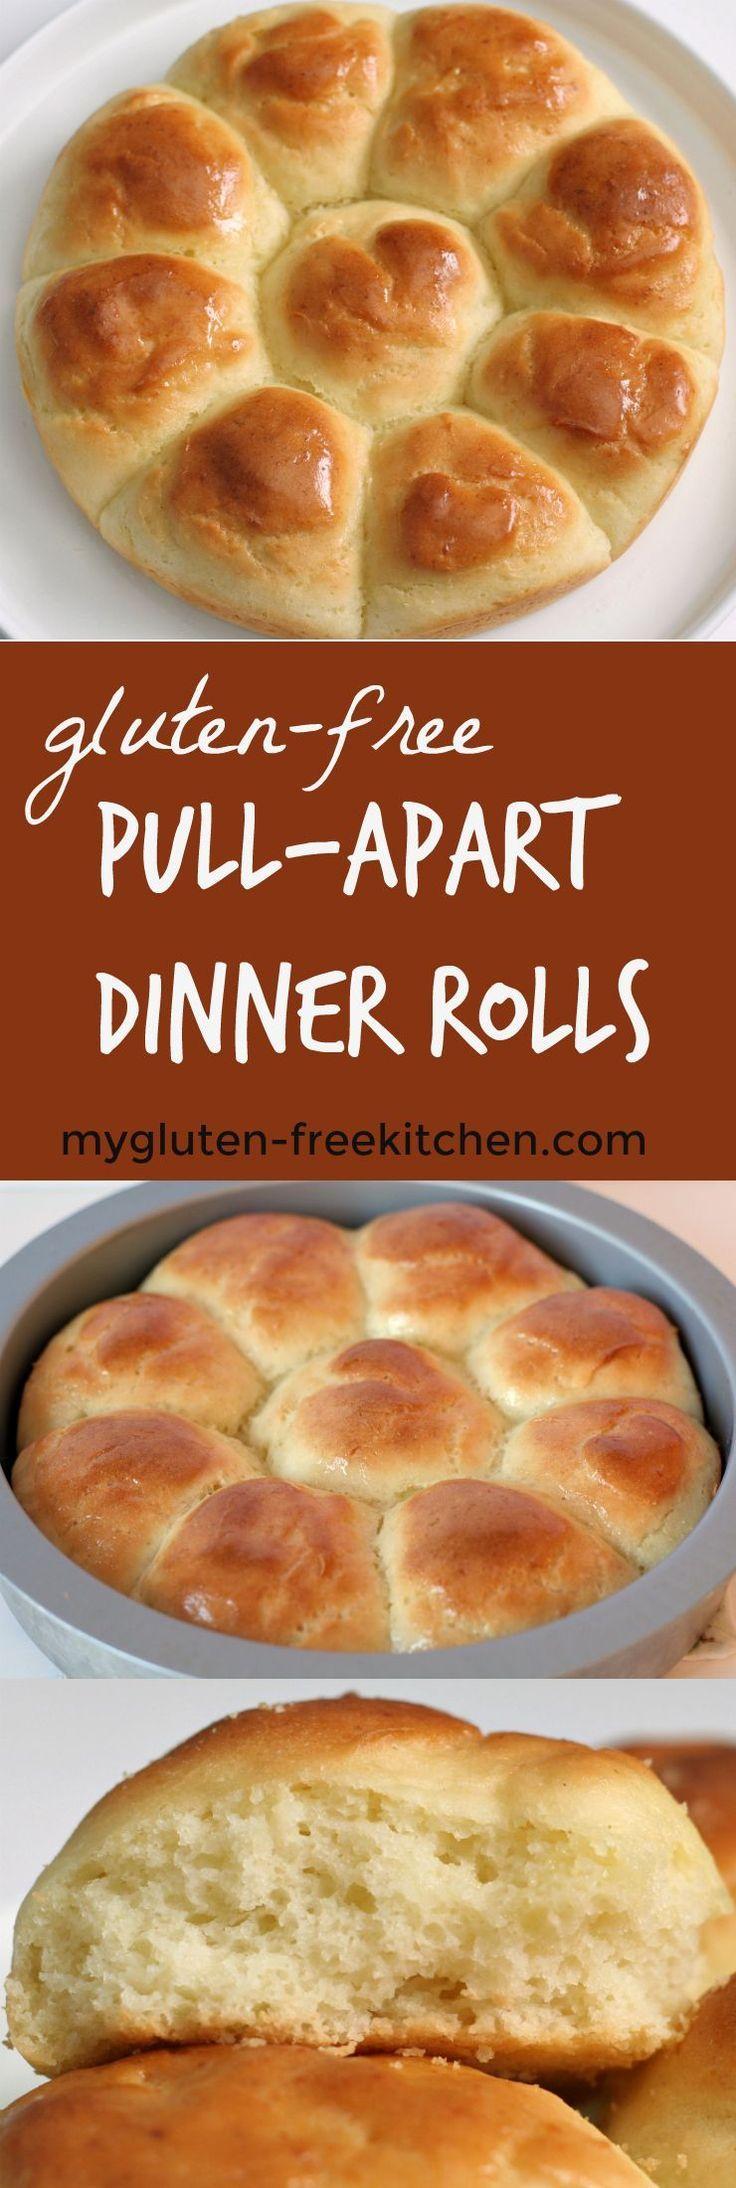 Gluten-free Pull-Apart Dinner Rolls recipe